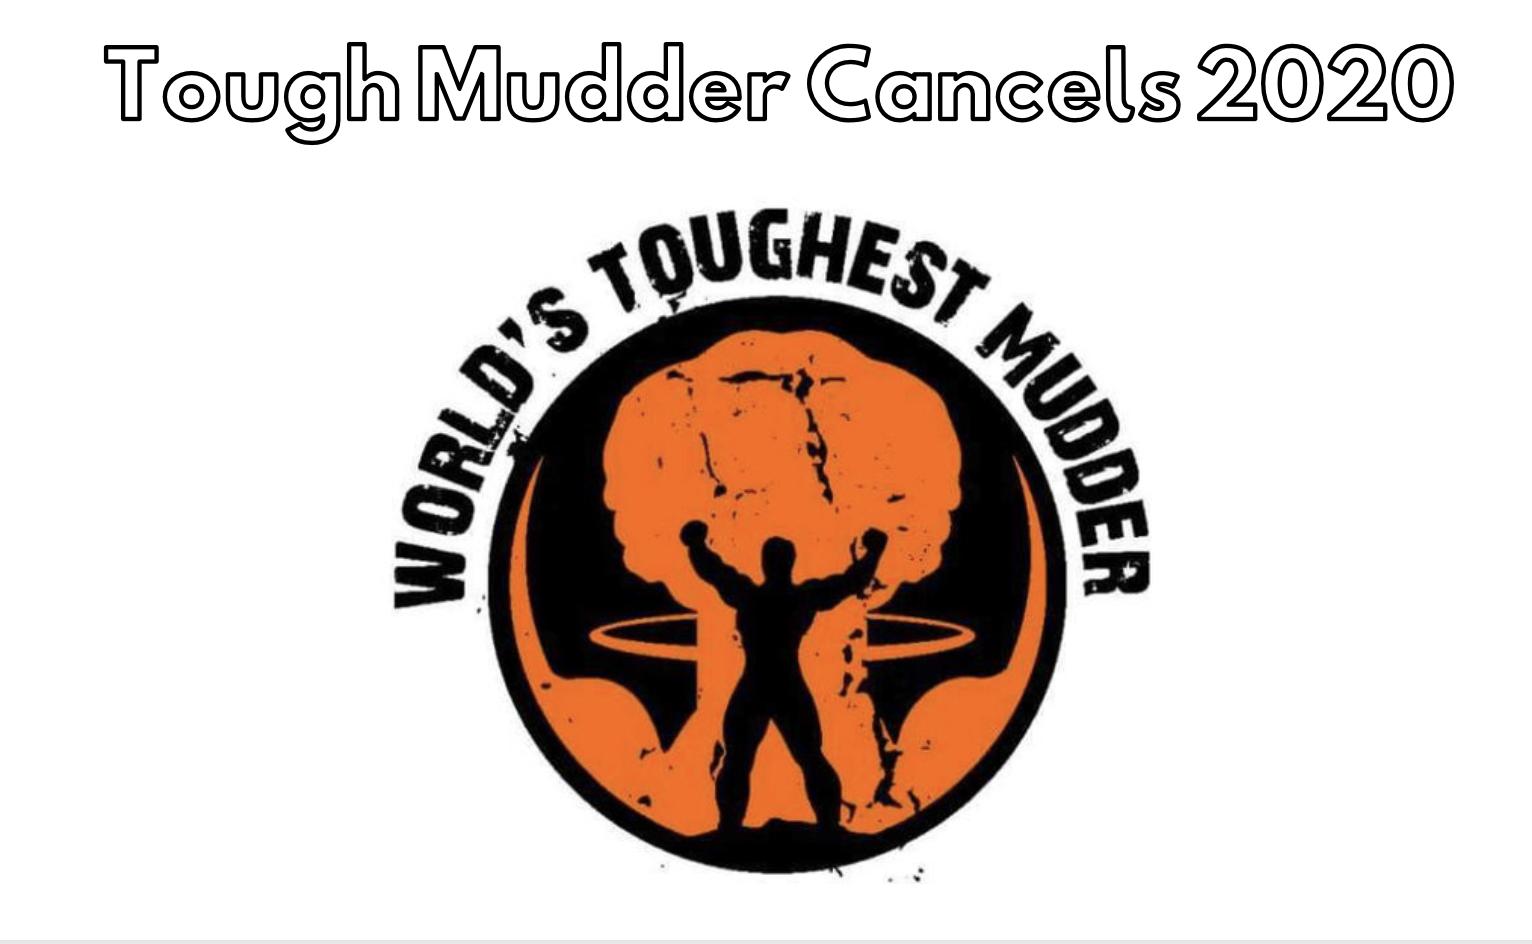 Tough Mudder Cancelled 2020